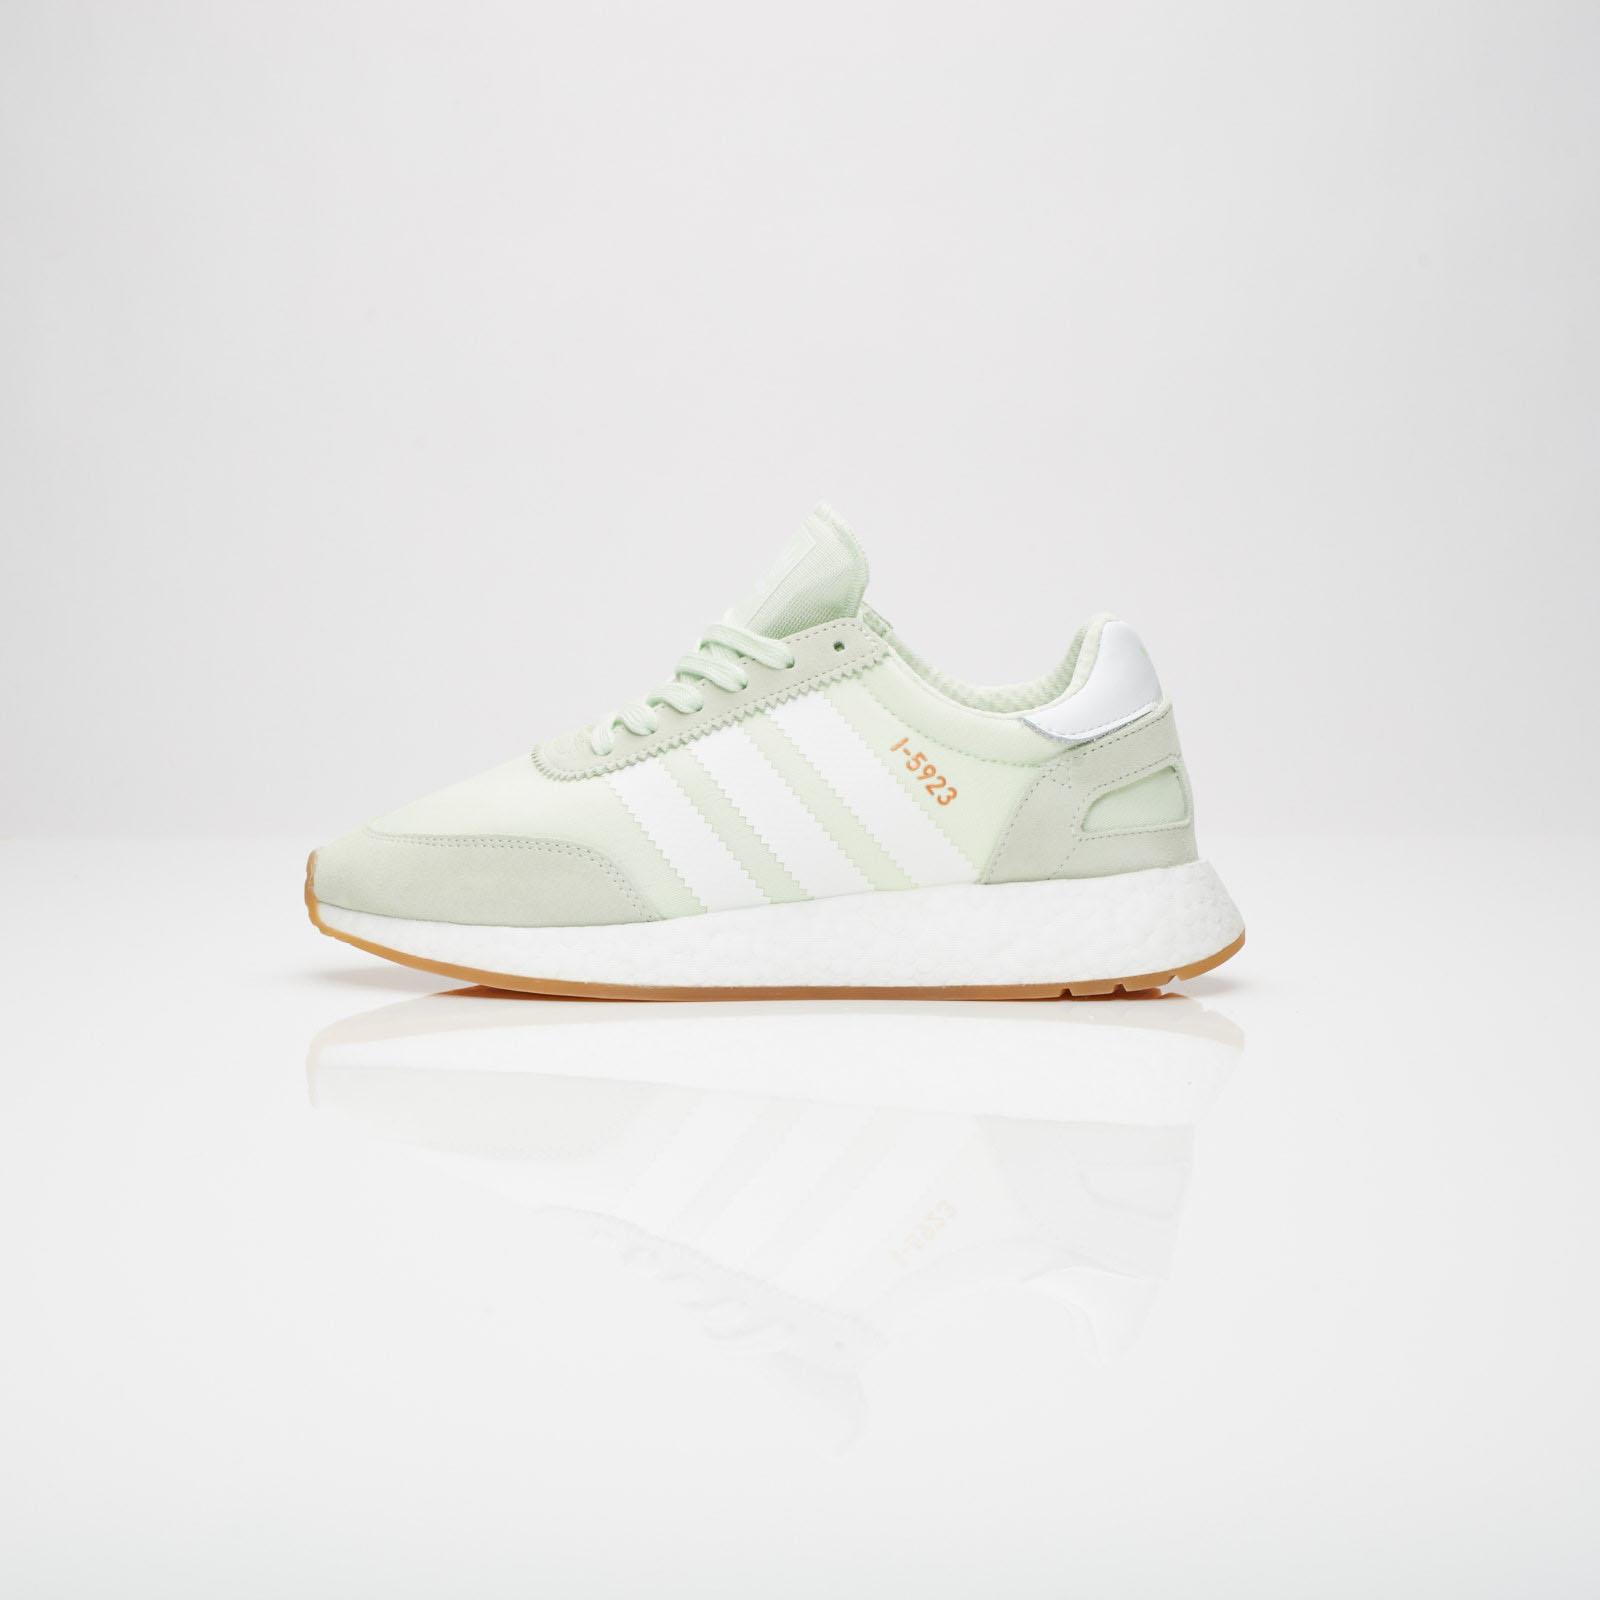 info for e6d15 fd482 adidas I-5923 - Cq2530 - Sneakersnstuff   sneakers   streetwear online  since 1999